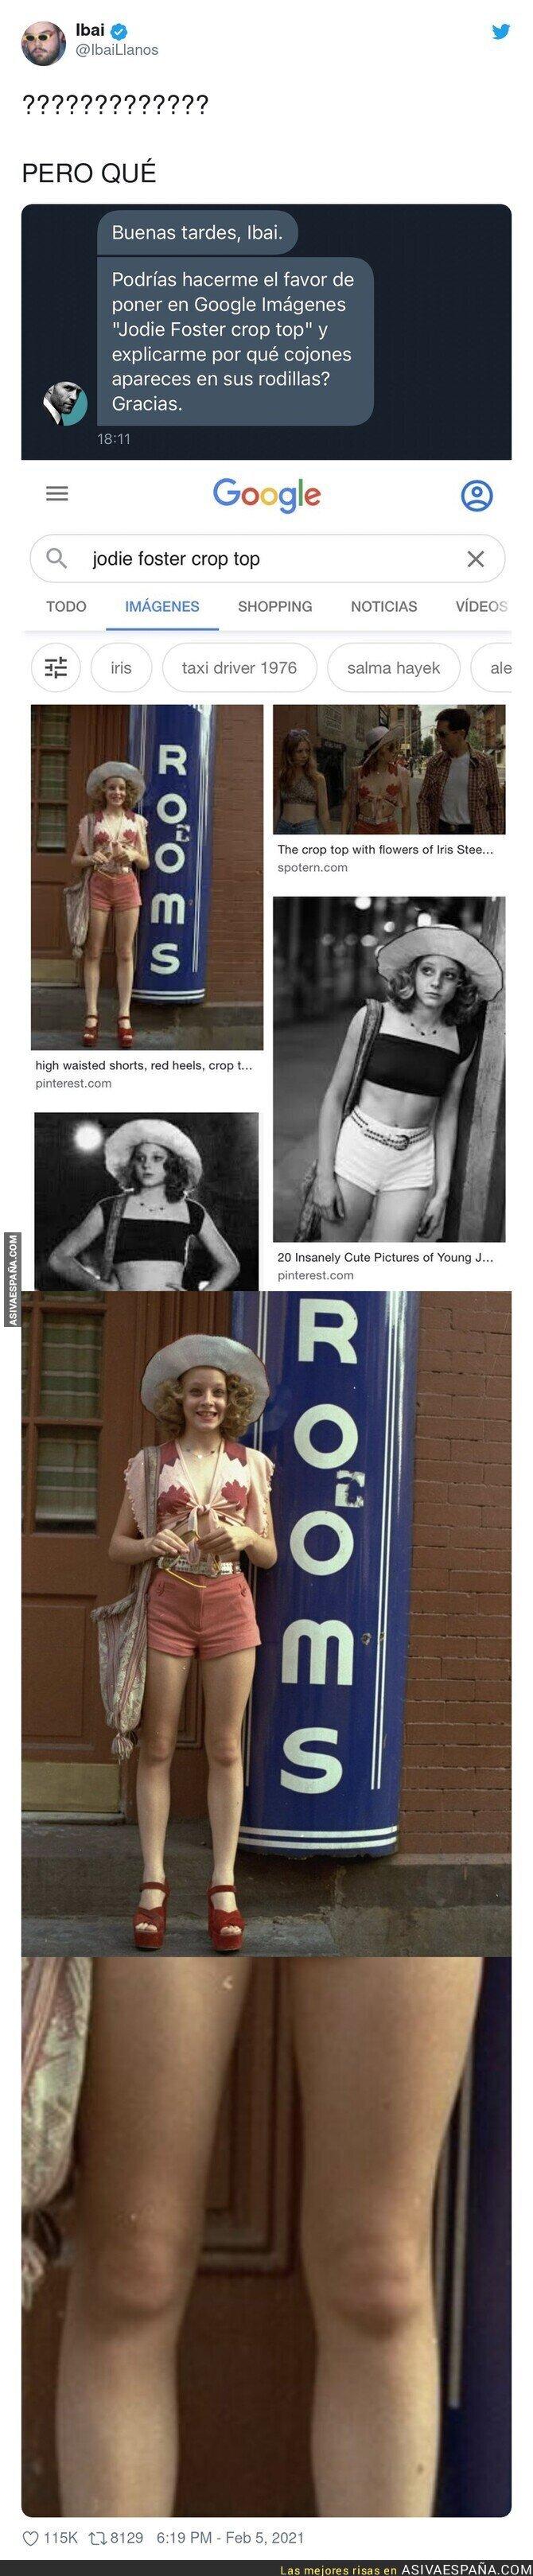 585536 - El misterioso caso de las rodillas de Jodie Foster y sus rodillas en las que sale Ibai Llanos